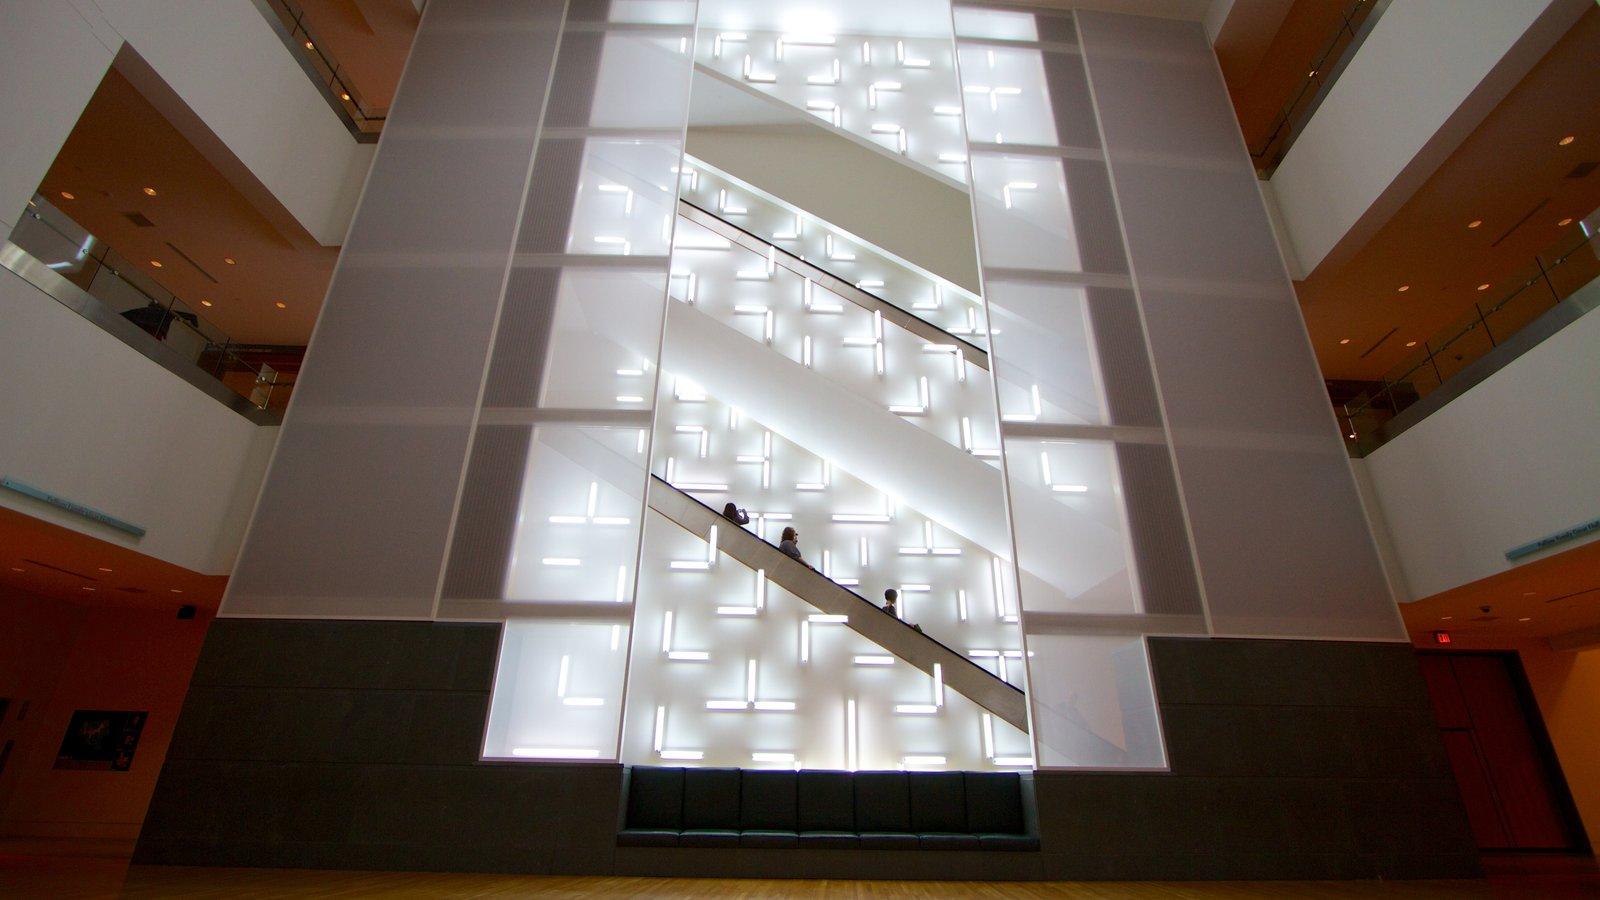 Indianápolis que inclui vistas internas e arquitetura moderna